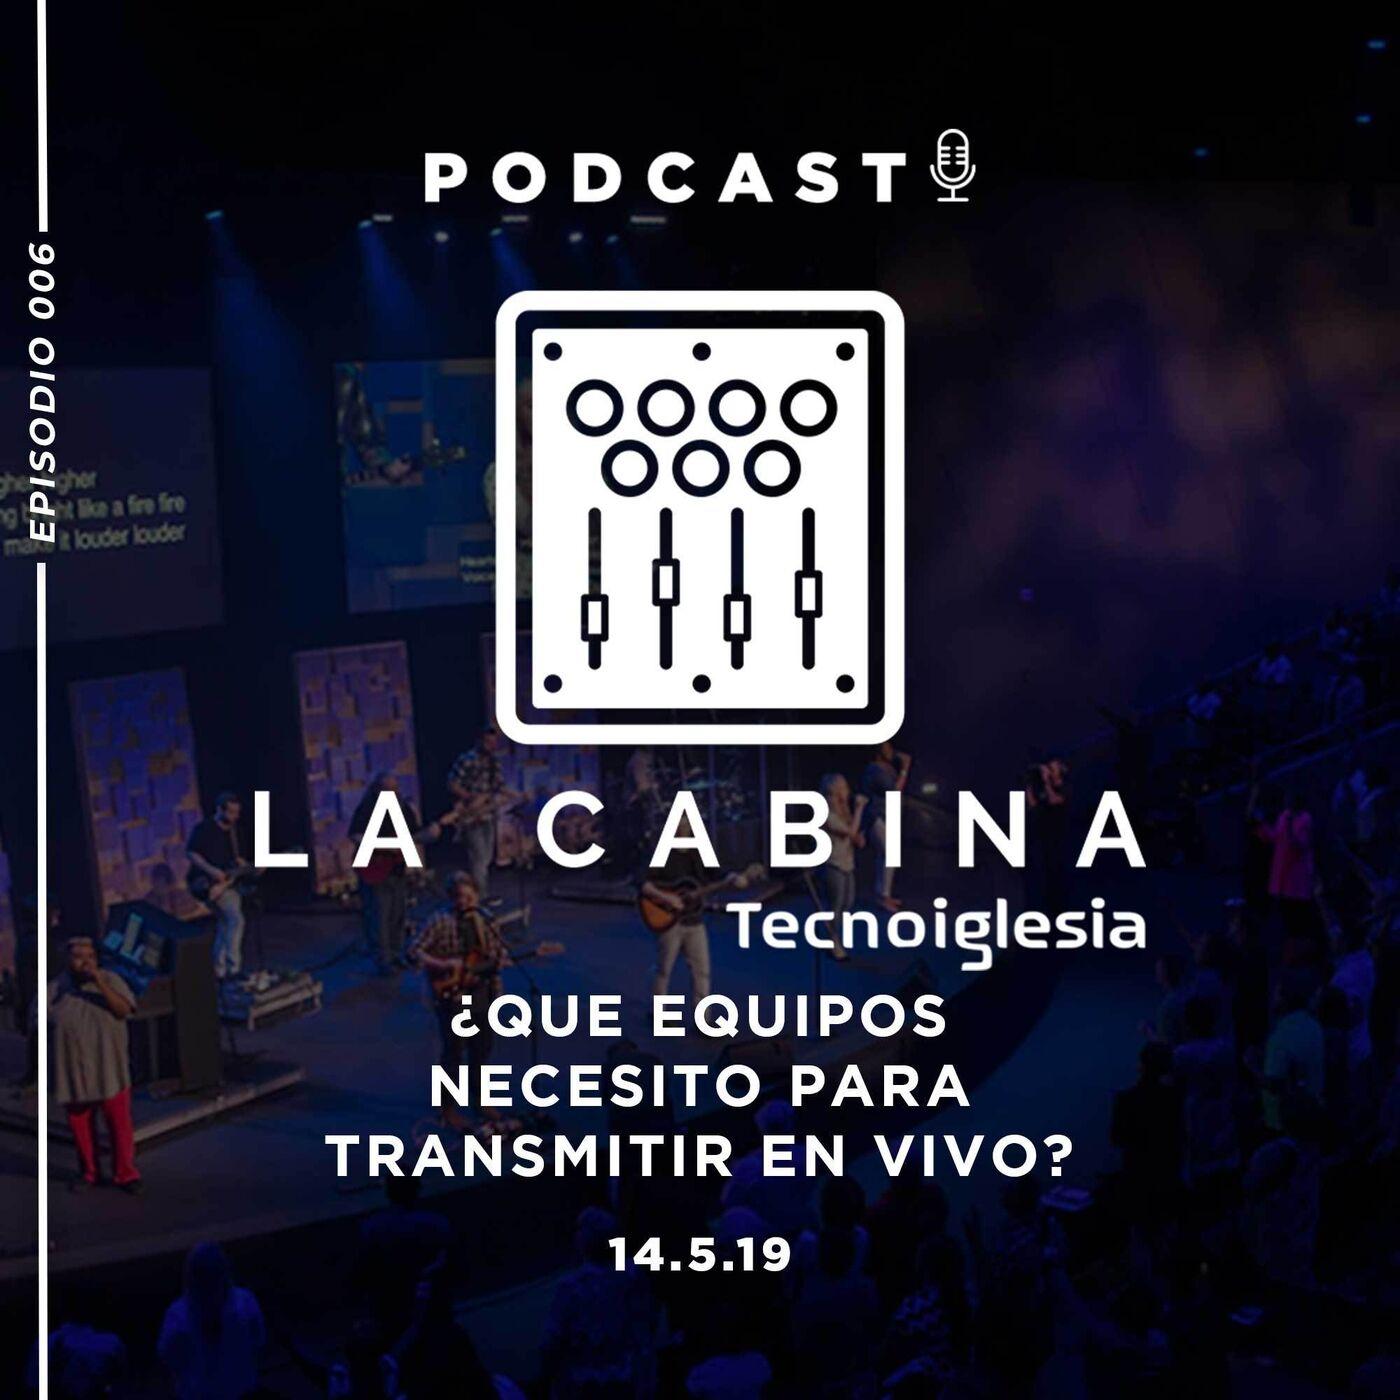 La Cabina Tecnoiglesia Podcast #006 -¿Que equipos necesito para transmitir en vivo?